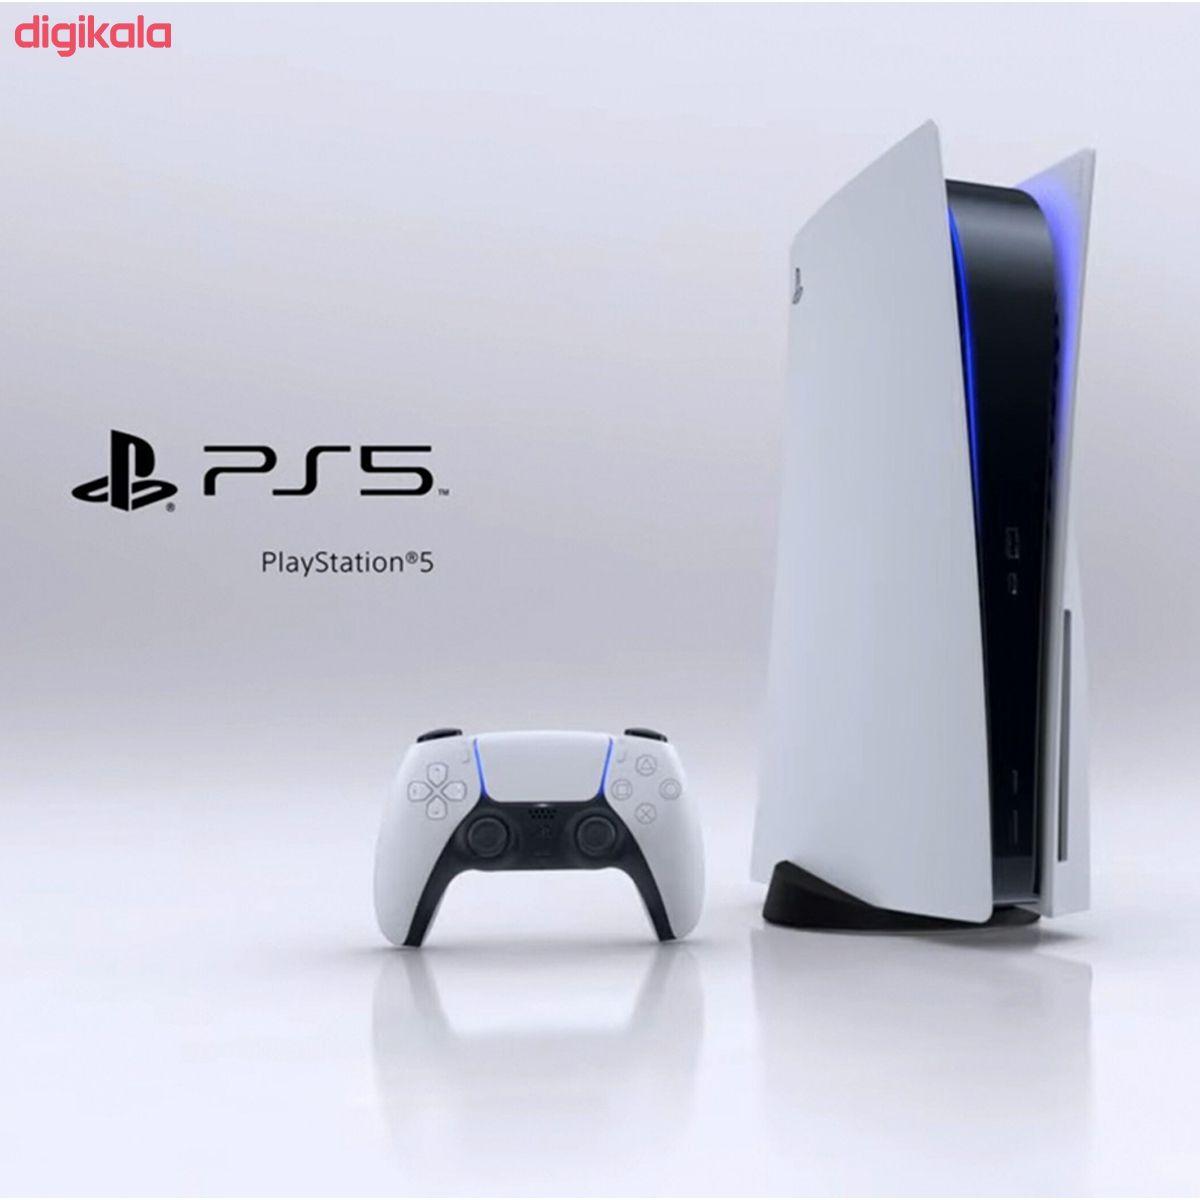 مجموعه کنسول بازی سونی مدل PlayStation 5 ظرفیت 825 گیگابایت به همراه دسته اضافی main 1 5